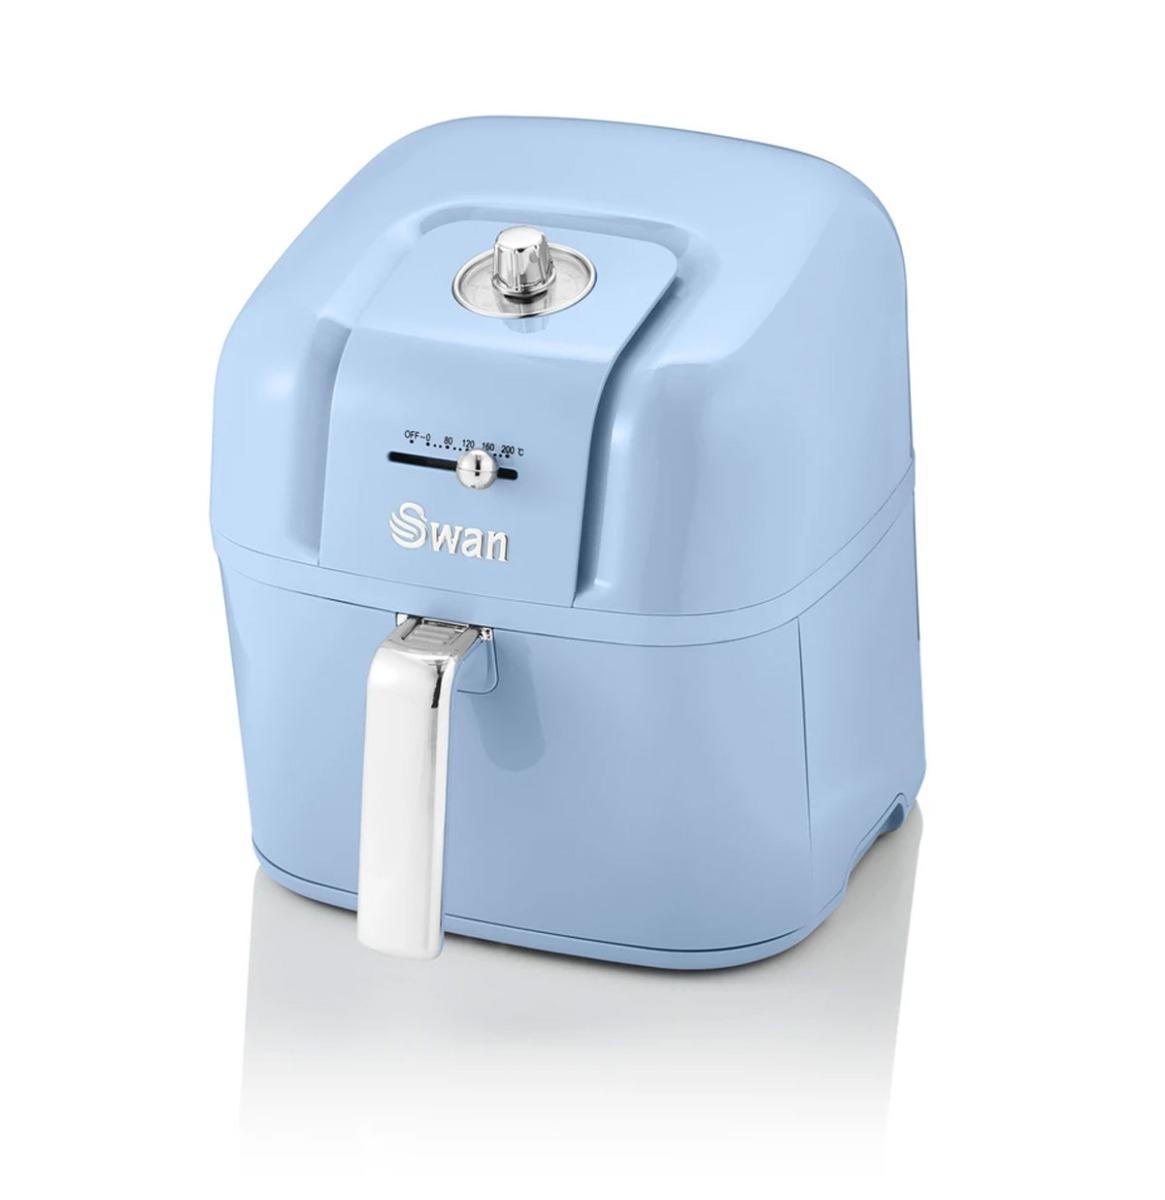 Swan Retro 6 Liter AirFryer Blauw